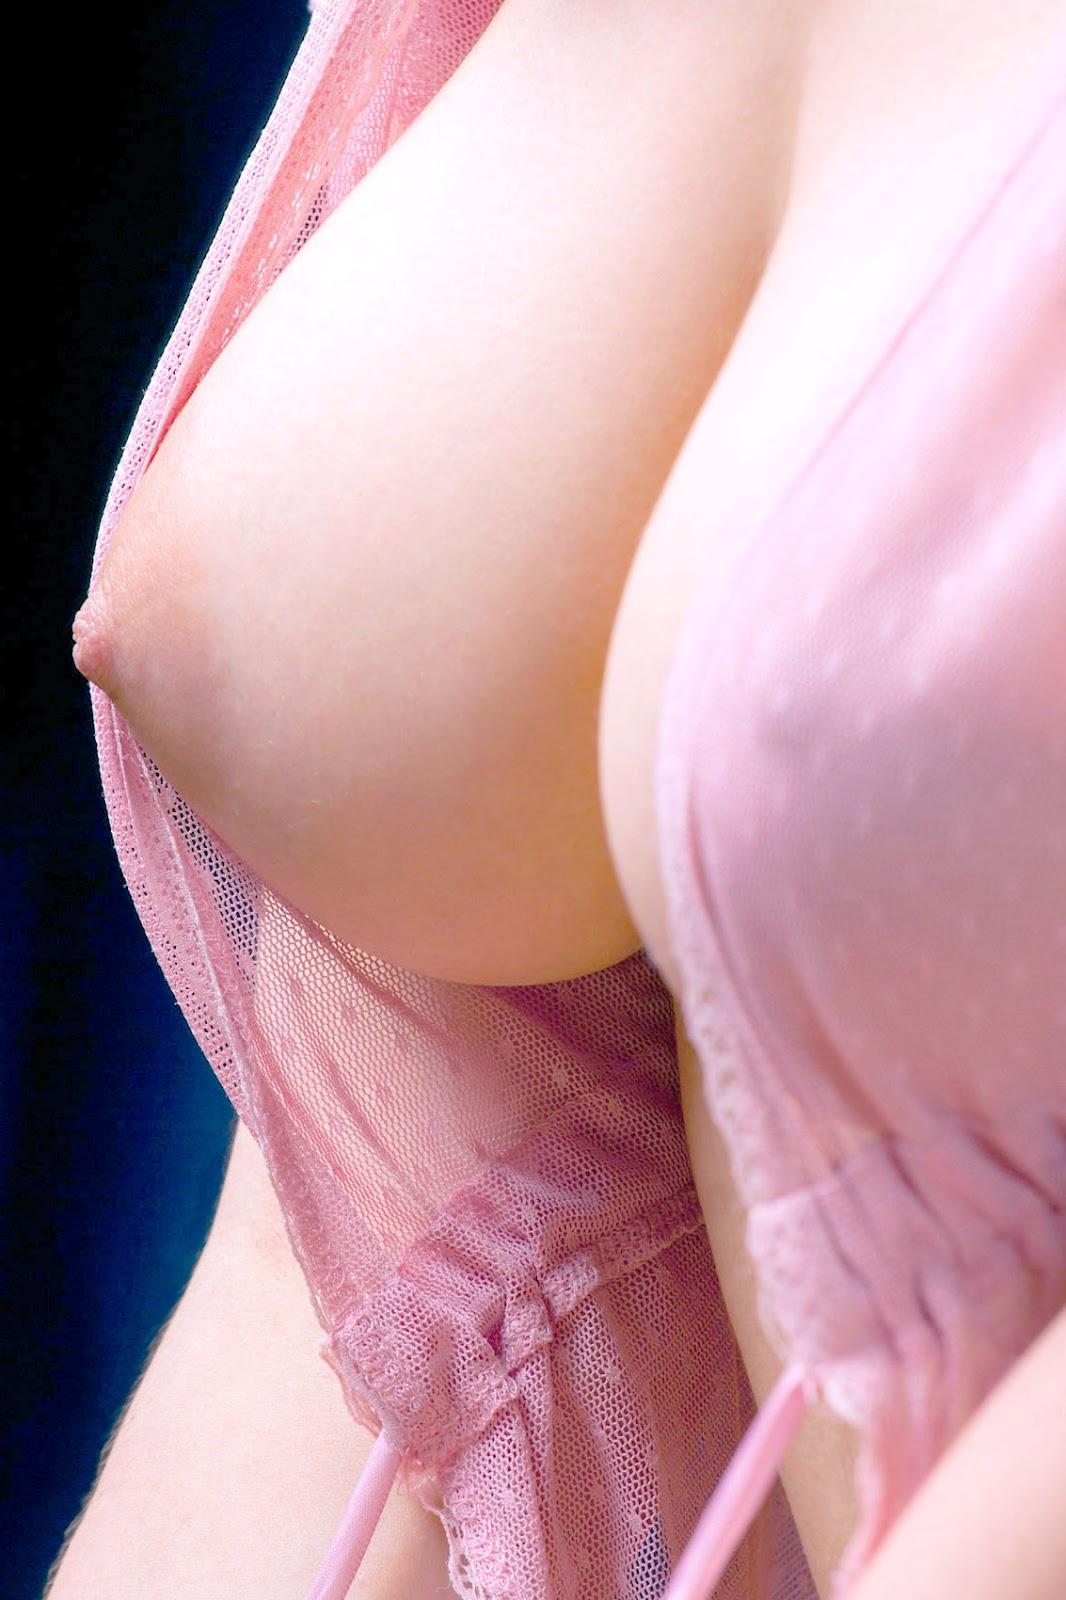 尴尬!林志玲穿睡衣出镜 腋下却湿了到底发生了什么